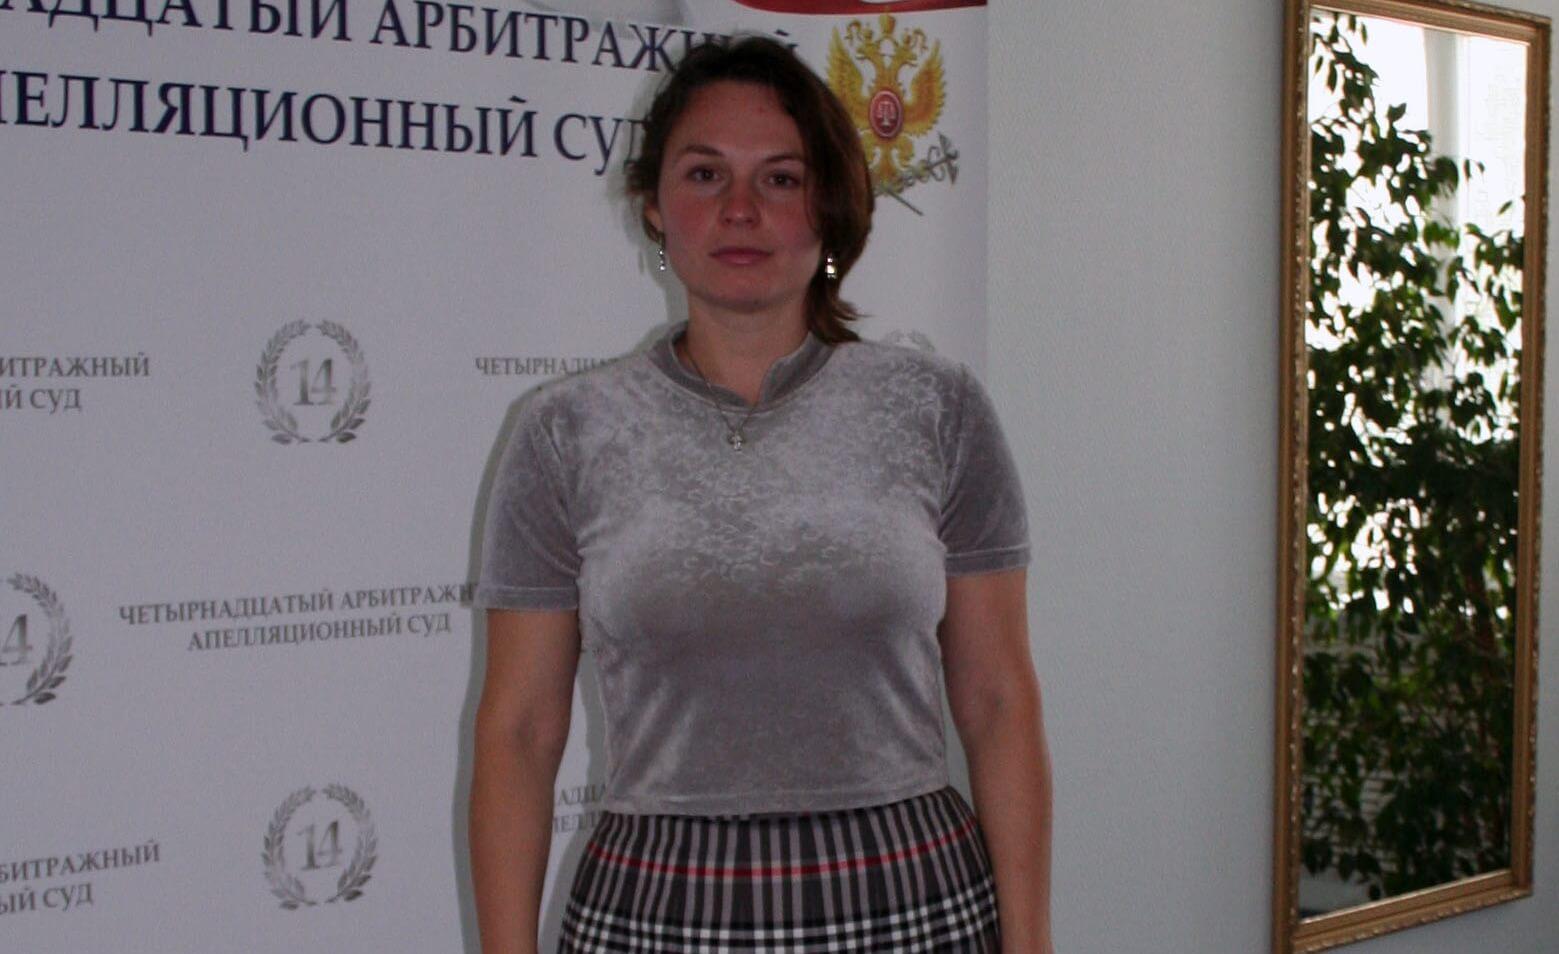 Тверская таможенница победила в литературном конкурсе